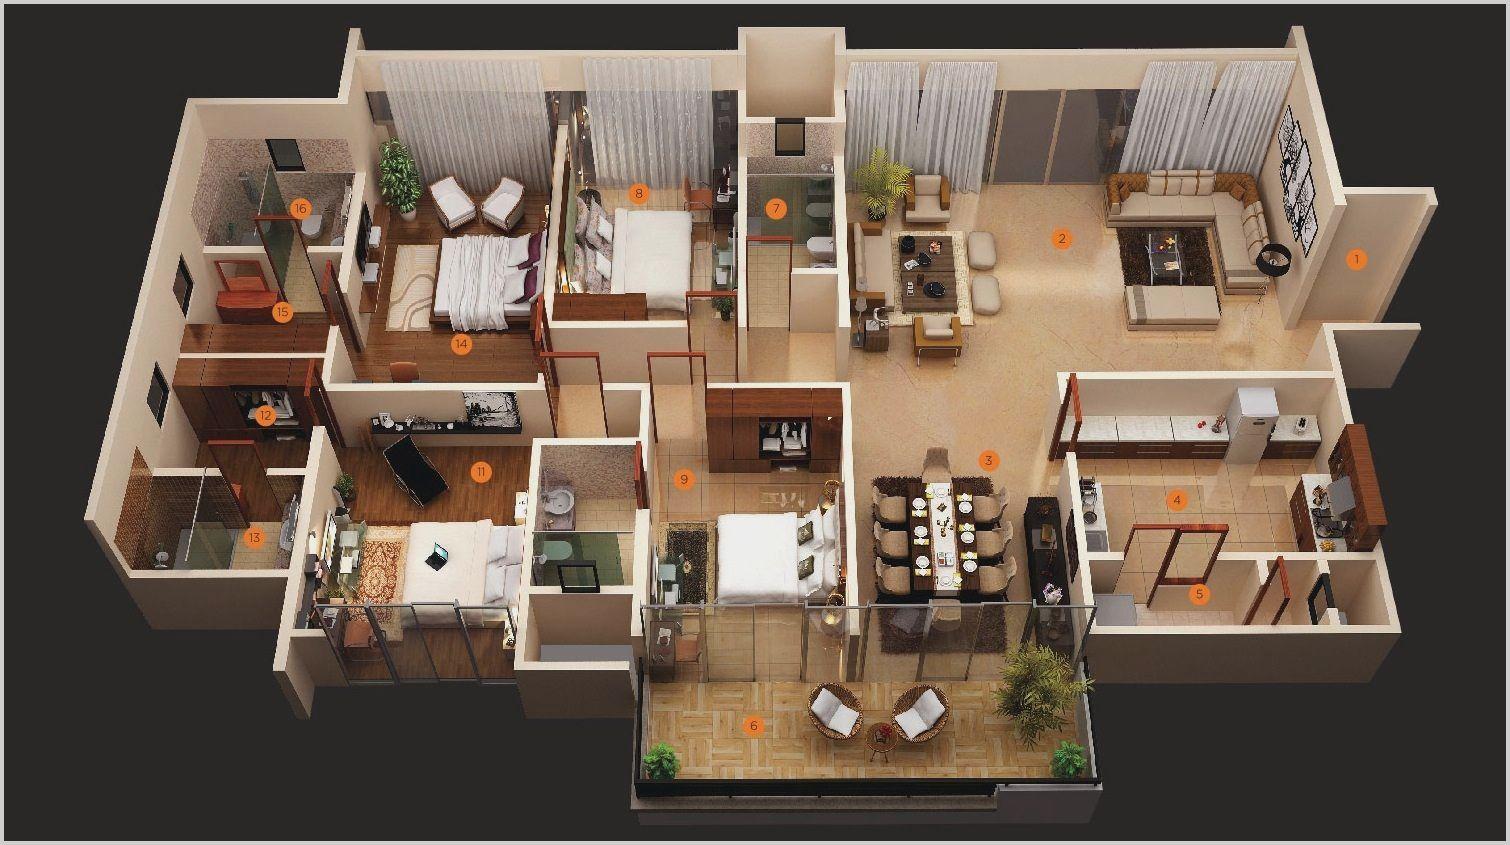 4 Bedroom Flat House Design In 2020 Four Bedroom House Plans 3d House Plans Bedroom House Plans